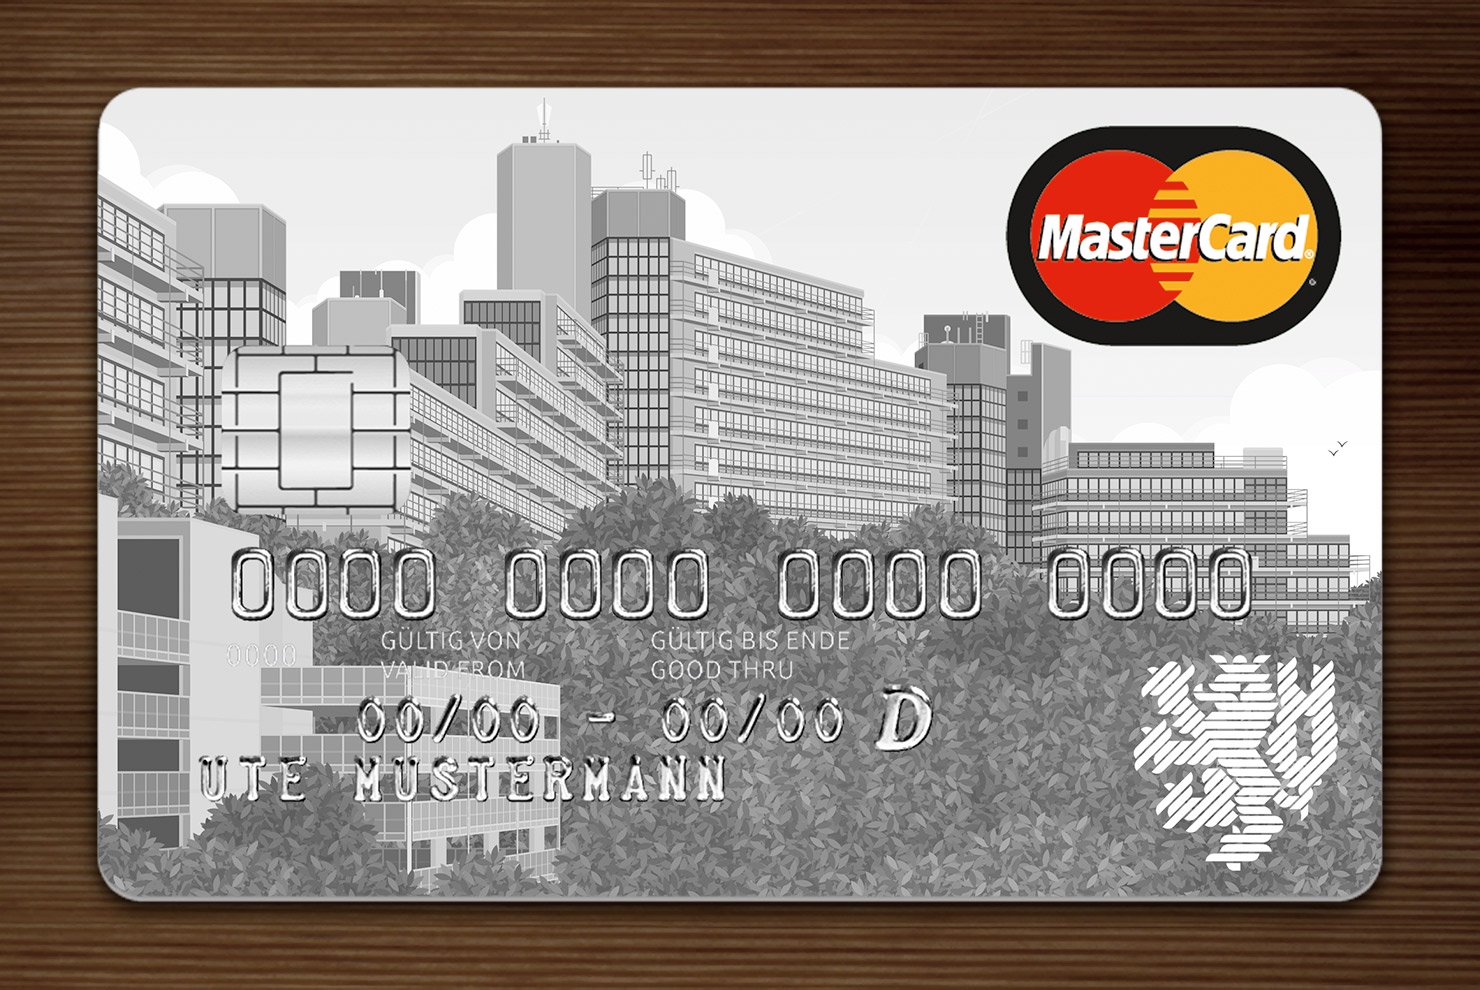 Weiß getönte MasterCard mit Ansicht der Gebäude am Grifflenberg für die Mitarbeiter der Uni Wuppertal, BUGH, von der Stadtsparkasse